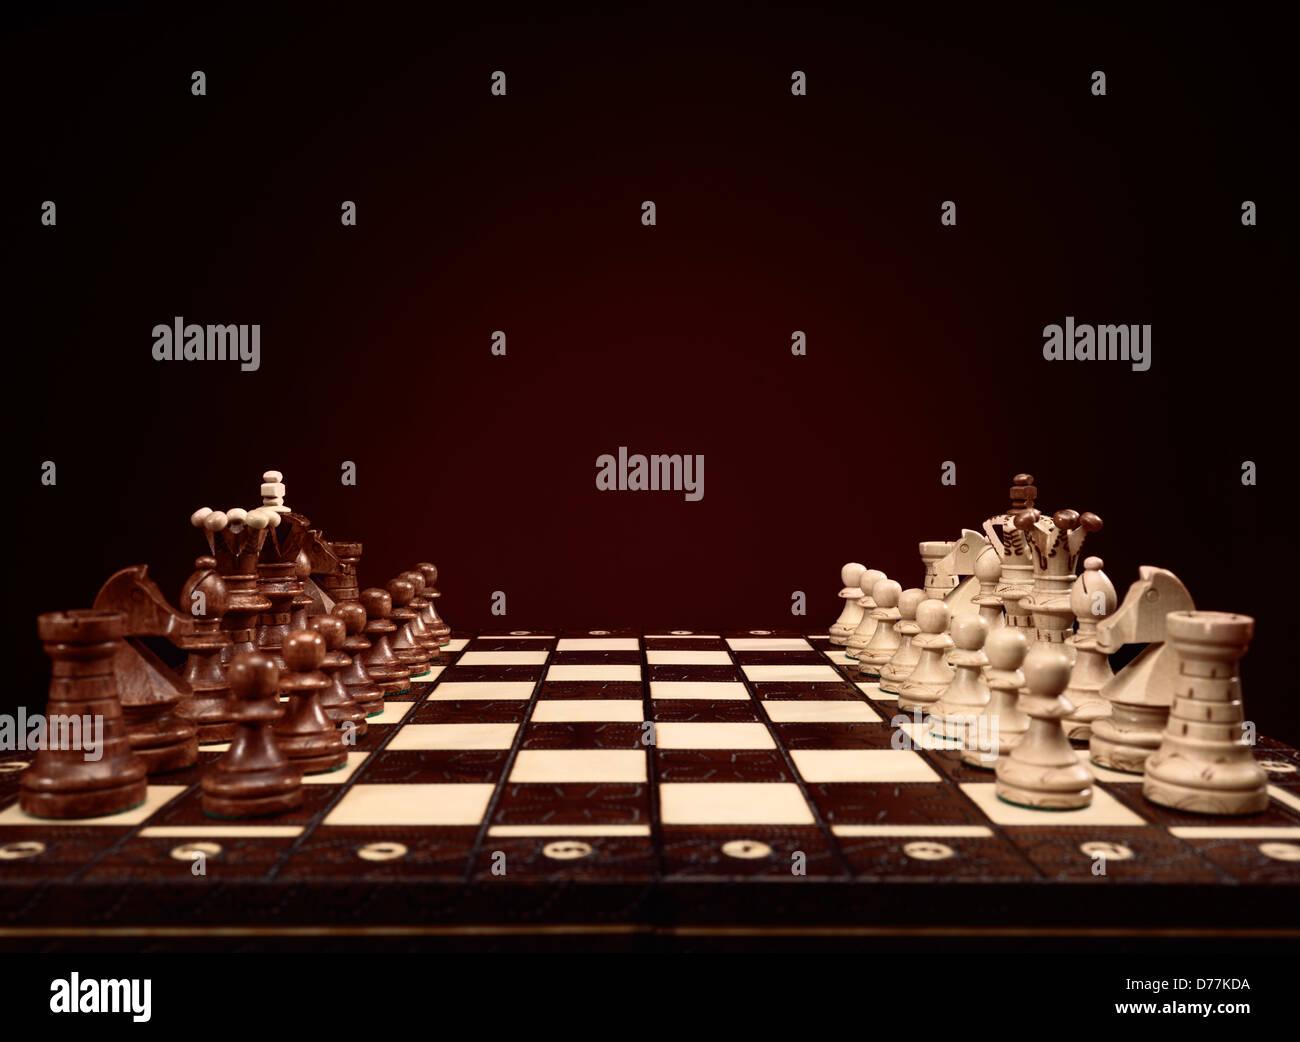 Scacchiera con pezzi di scacchi, gioco di bordo su sfondo marrone Immagini Stock